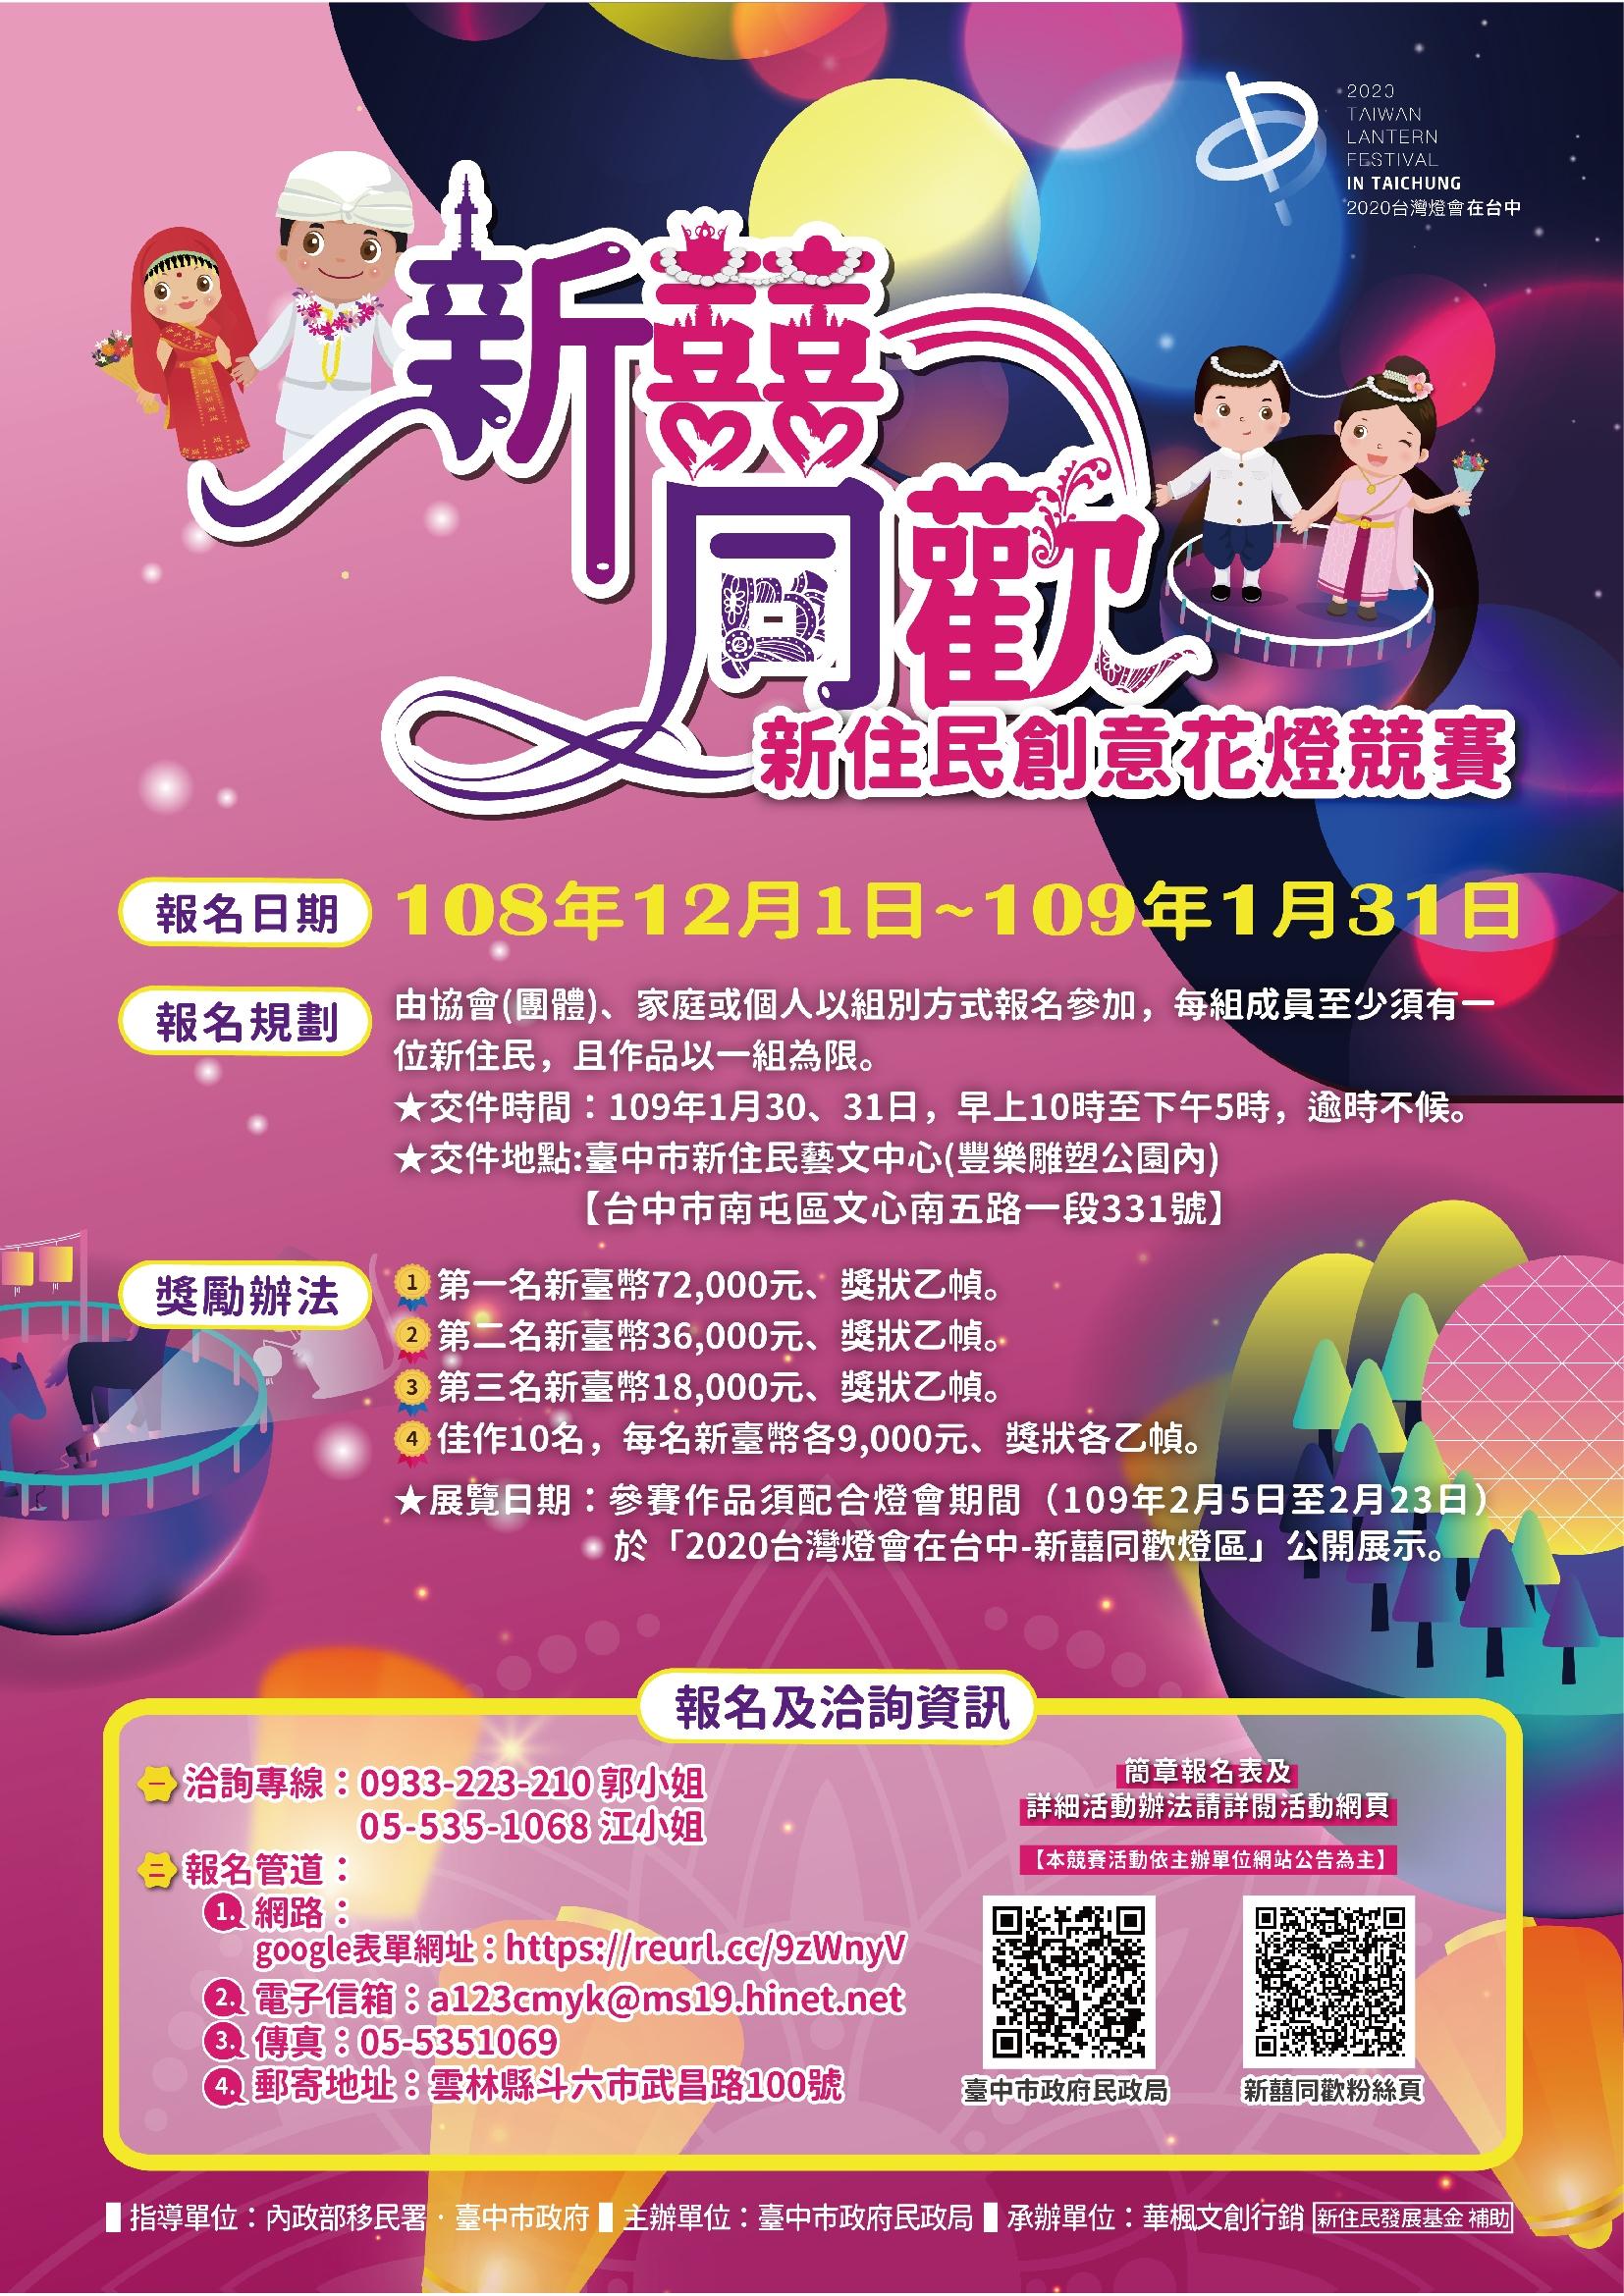 2020台灣燈會在台中-新囍同歡燈區海報共5張